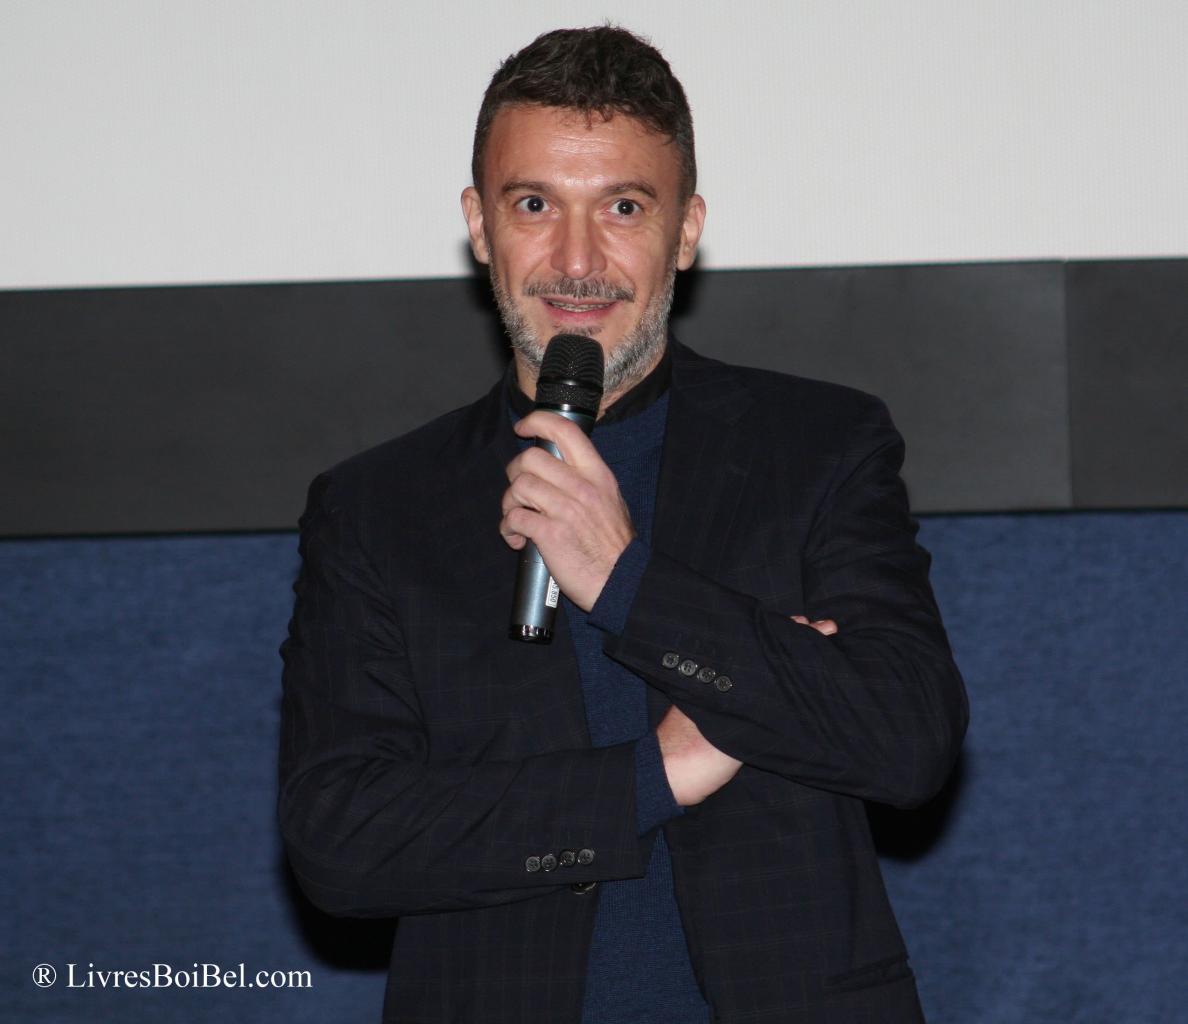 Mario Fanfani